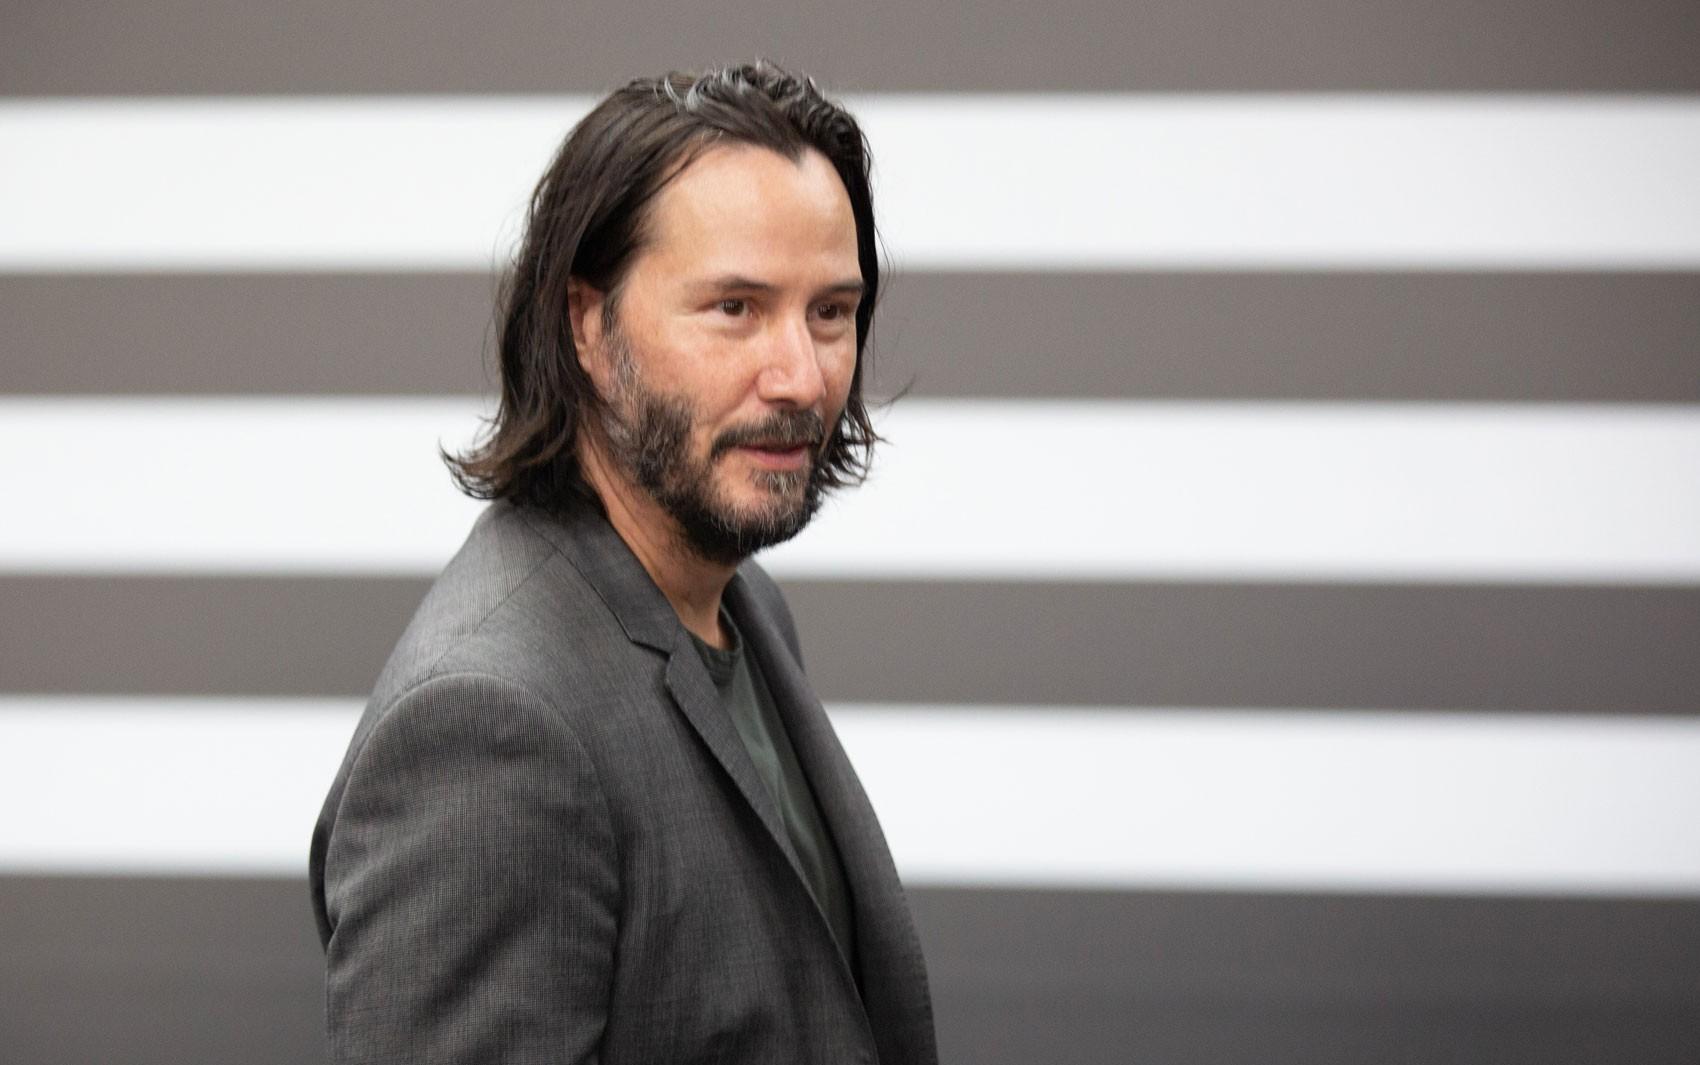 'Matrix 4' é confirmado e terá Keanu Reeves e Carrie-Anne Moss - Notícias - Plantão Diário